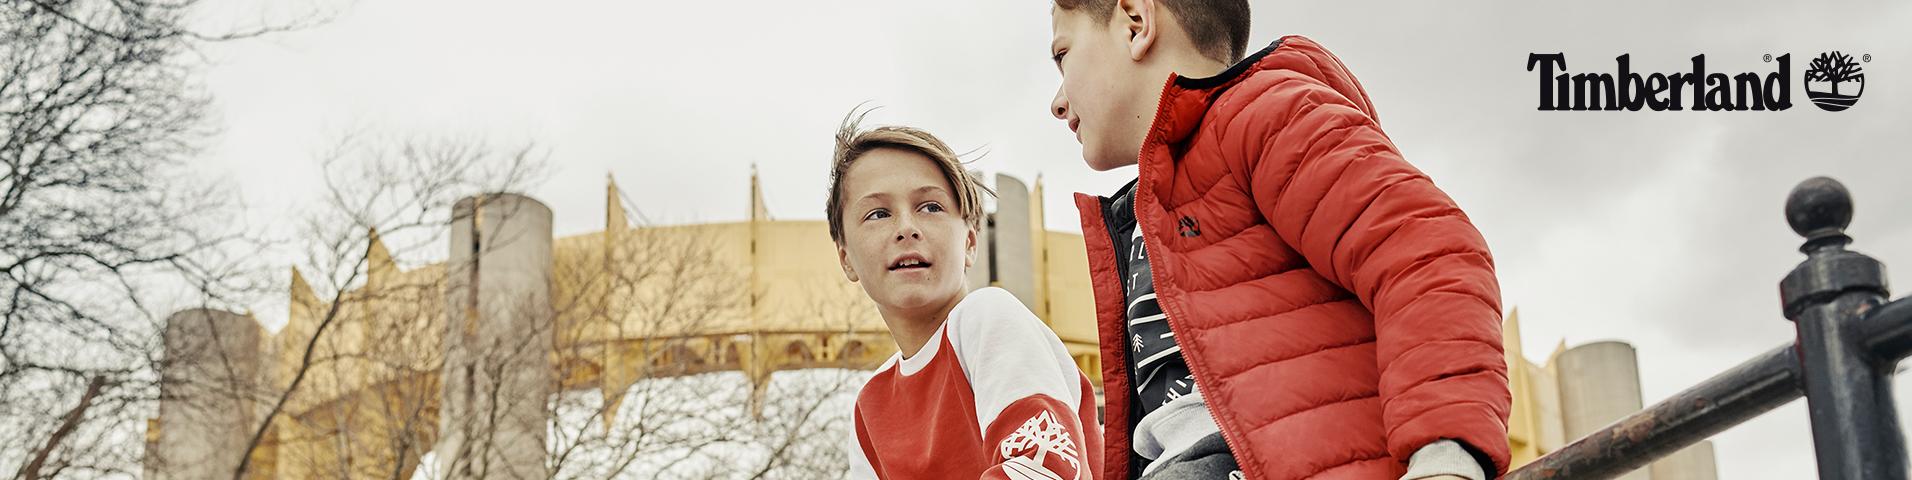 Timberland Ligne Chaussures Zalando La Boutique Enfant Sur En wtzg5nFqz